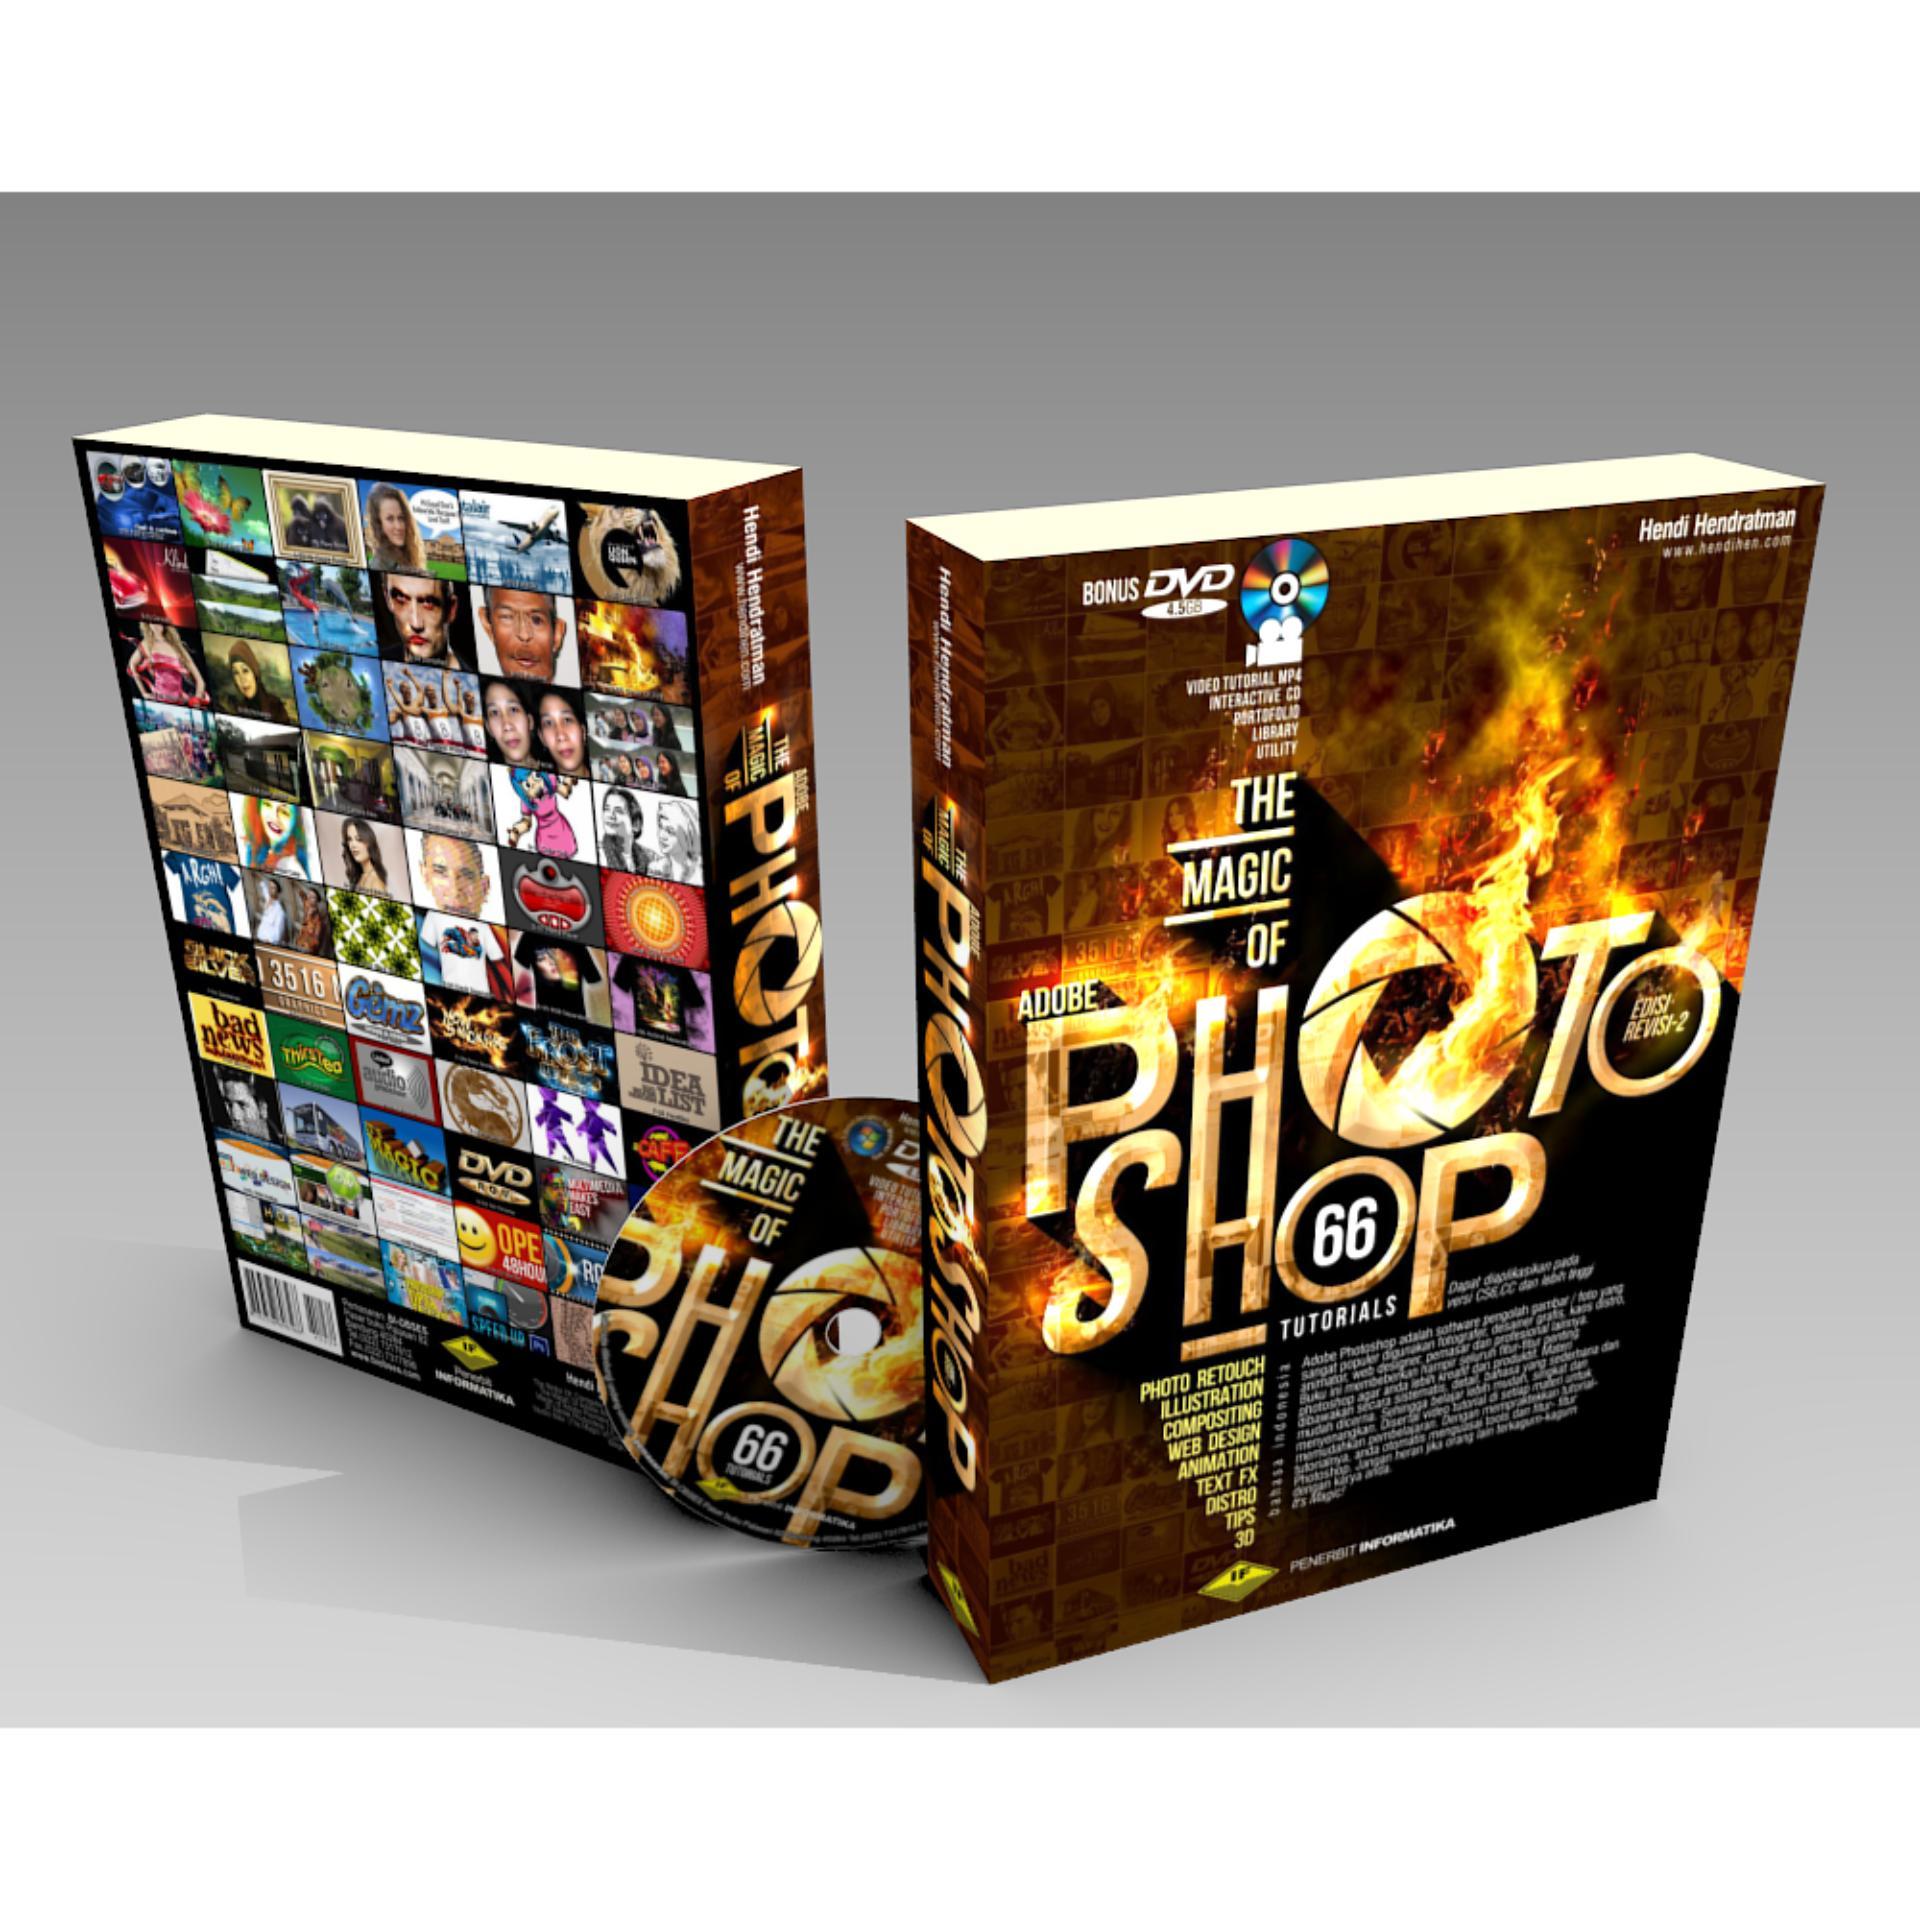 Harga preferensial Buku Photoshop DVD Video Tutorial CS6 & CC Terlengkap Pemula terbaik murah - Hanya Rp145.350